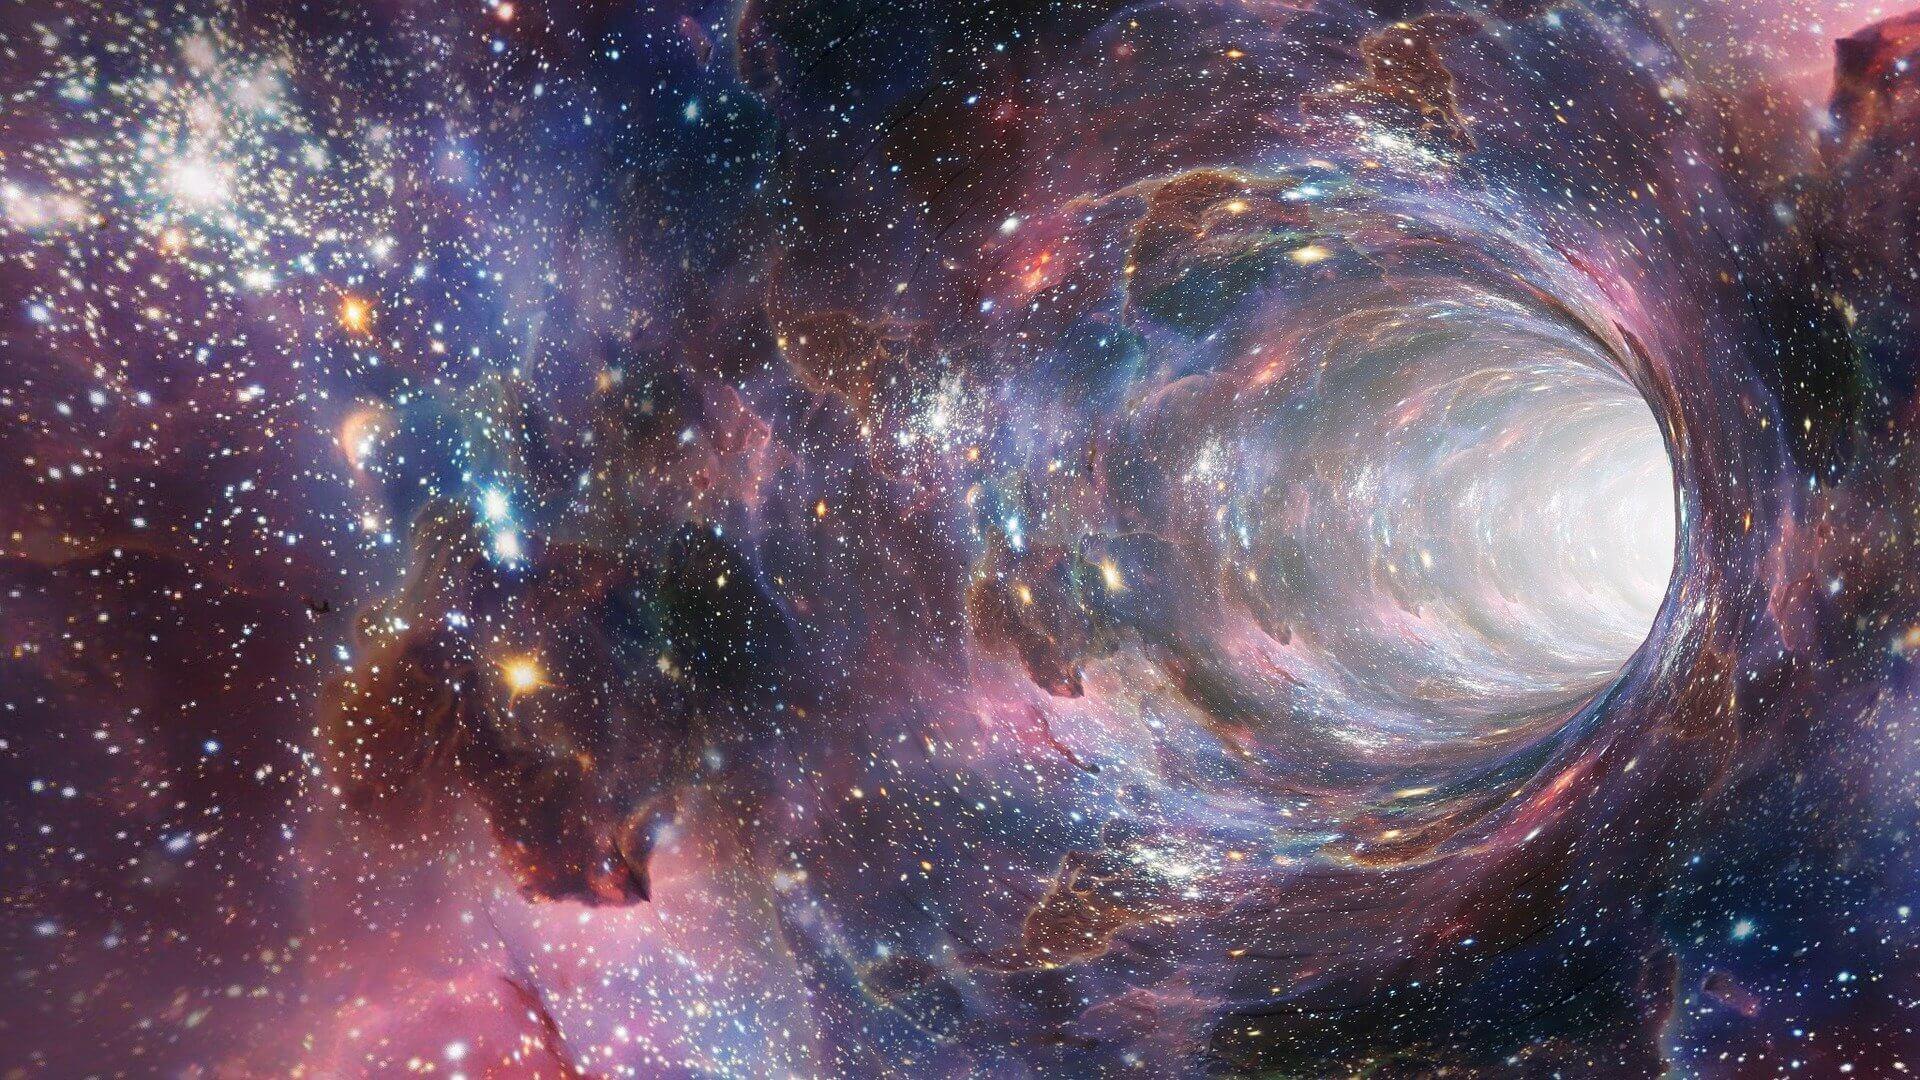 Во Вселенной почти нет антиматерии. Почему?